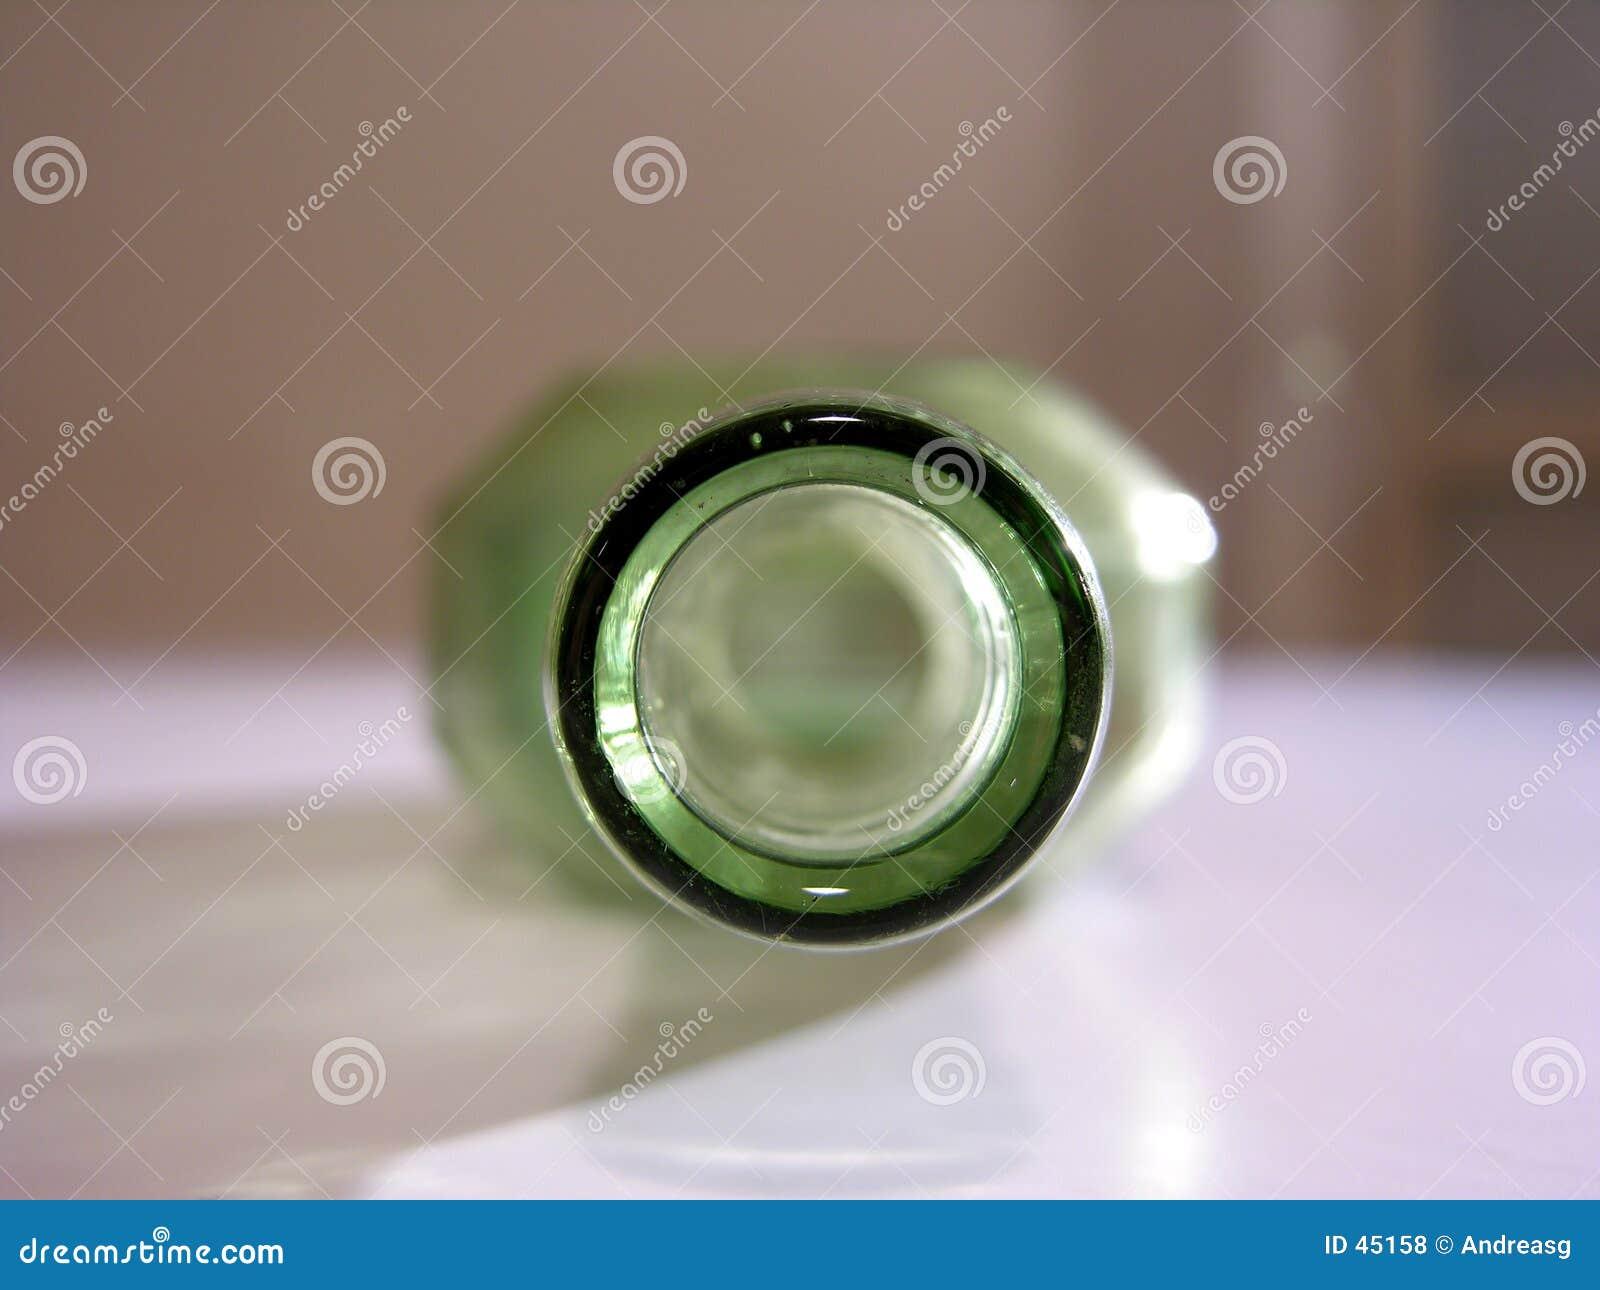 1 bottle old zoom